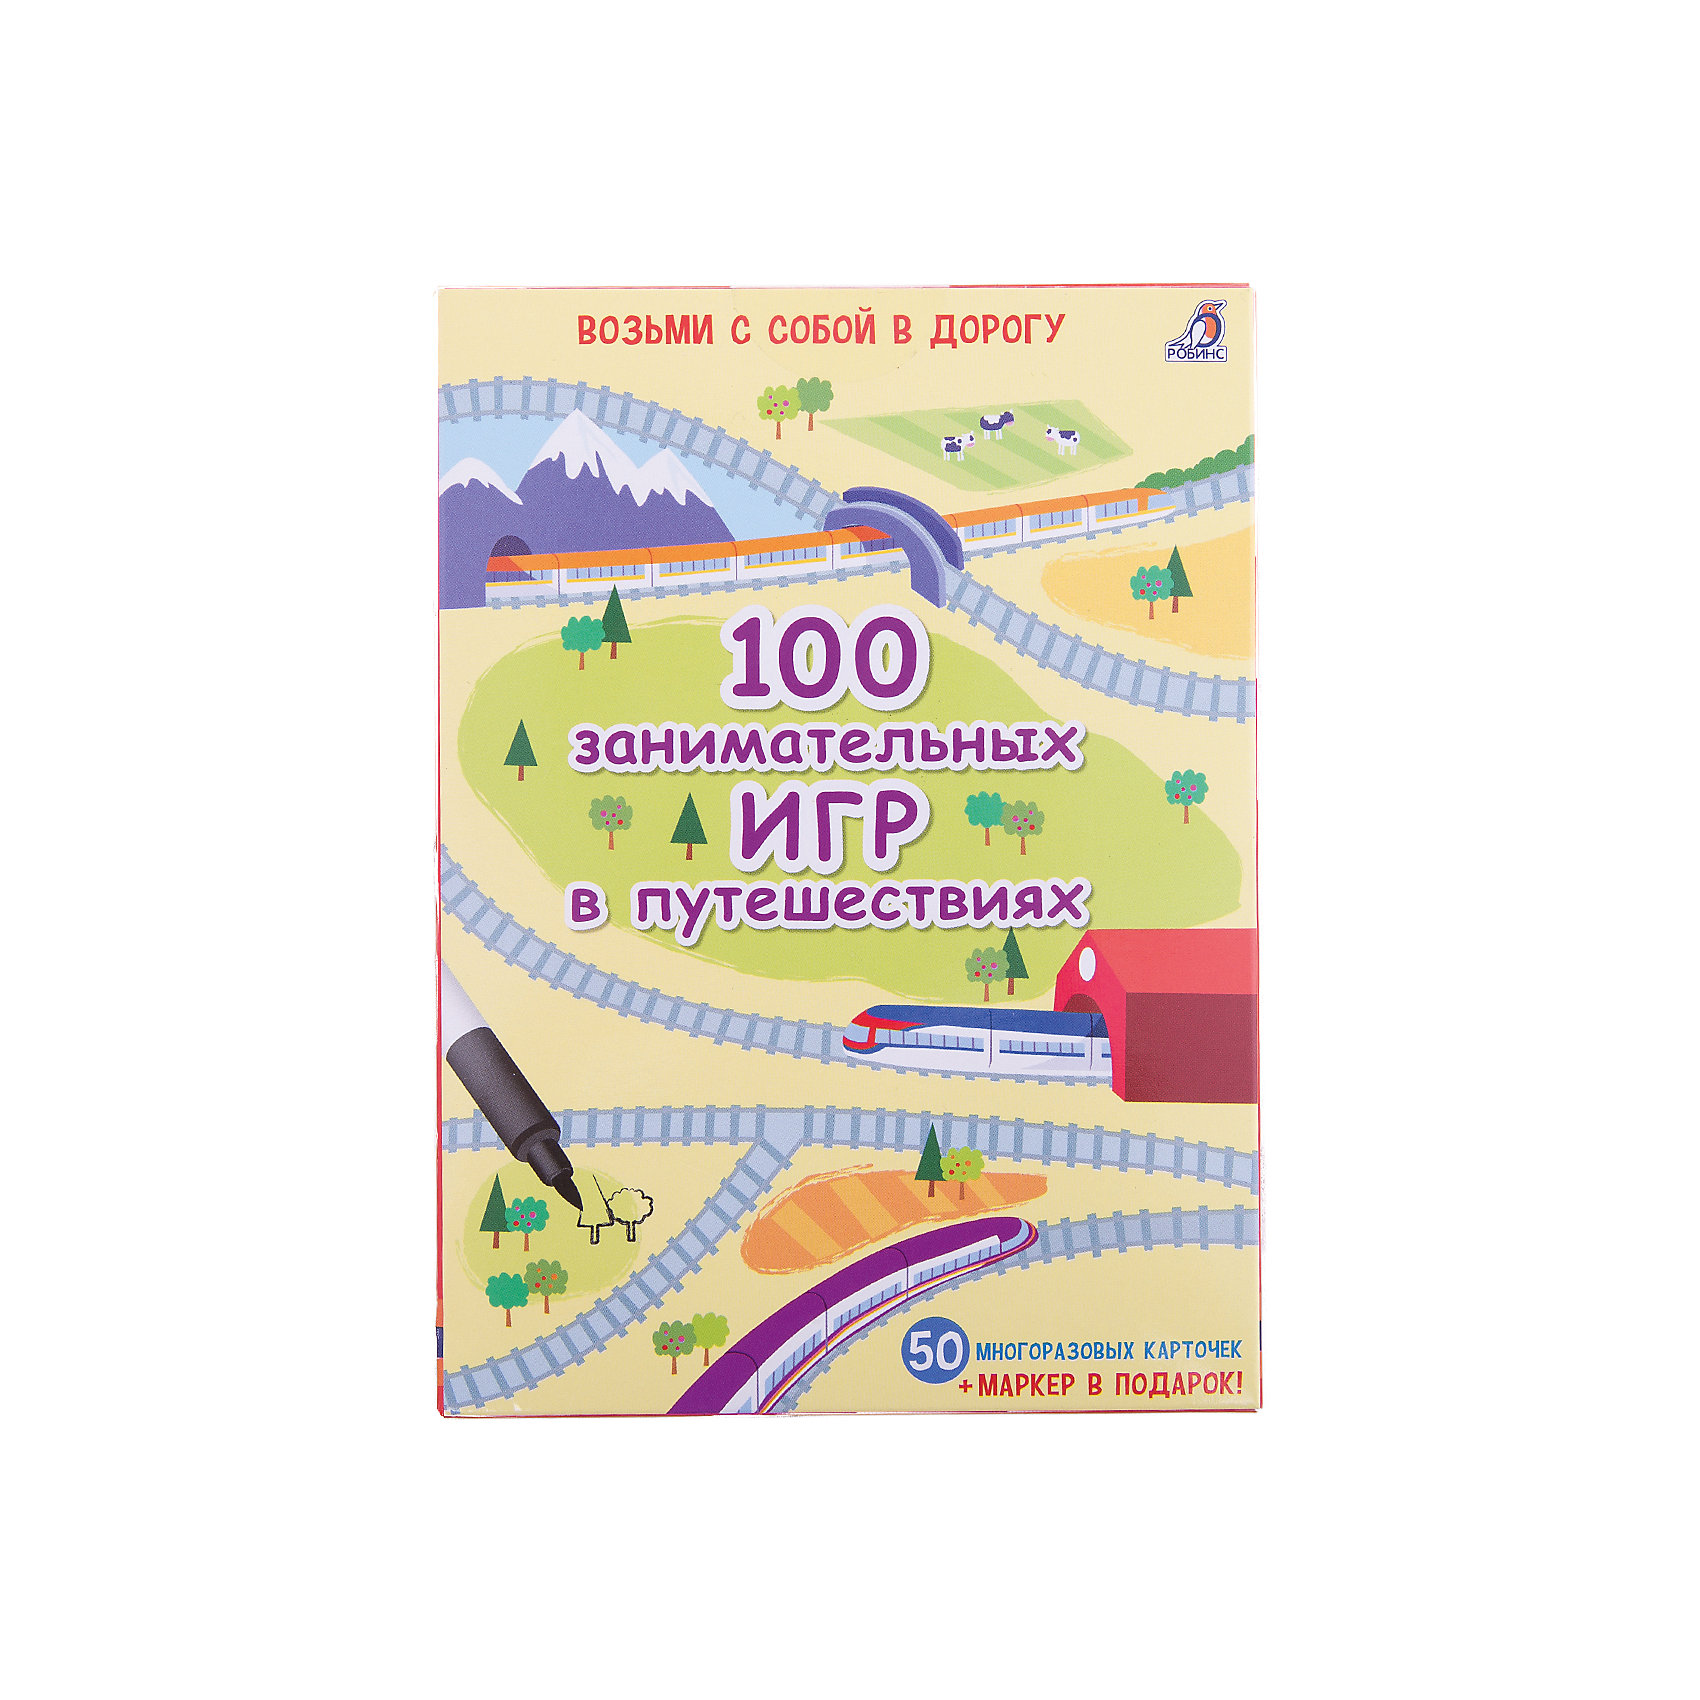 Развивающие карточки 100 занимательных игр в путешествияхУвлекательный набор «100 занимательных игр в путешествиях» создан специально для маленьких путешественников! В наборе ты найдешь специальные карточки с играми, головоломками, заданиями для развития логики, смекалки и творческого мышления, а также маркер, которым можно рисовать и писать. И не переживай за ошибки, поскольку поверхность карточек обладает стирающимися свойствами. Ты можешь играть и рисовать снова и снова! Играй и развивайся! Возьми с собой набор в дорогу. Кстати, если тебе захочется рисовать разноцветными маркерами, не стесняйся, для этих карточек подходит любой фломастер.<br><br>Дополнительная информация:<br><br>Автор: Фиона Уотт<br>Формат: 15.5 x 11.2 x 2.6 см<br>Страниц: 50<br>Составитель: Наталья Ерофеева<br>Редактор: Наталья Ерофеева<br>Иллюстратор: Н. Фигг<br>В коробке 50 двухсторонних многоразовых карточек, на которых можно рисовать и писать, благодаря стирающей поверхности, а также маркер, чтобы выполнять задания.<br><br>Развивающие карточки 100 занимательных игр в путешествиях можно купить в нашем магазине.<br><br>Ширина мм: 155<br>Глубина мм: 115<br>Высота мм: 25<br>Вес г: 288<br>Возраст от месяцев: 36<br>Возраст до месяцев: 2147483647<br>Пол: Унисекс<br>Возраст: Детский<br>SKU: 4610602